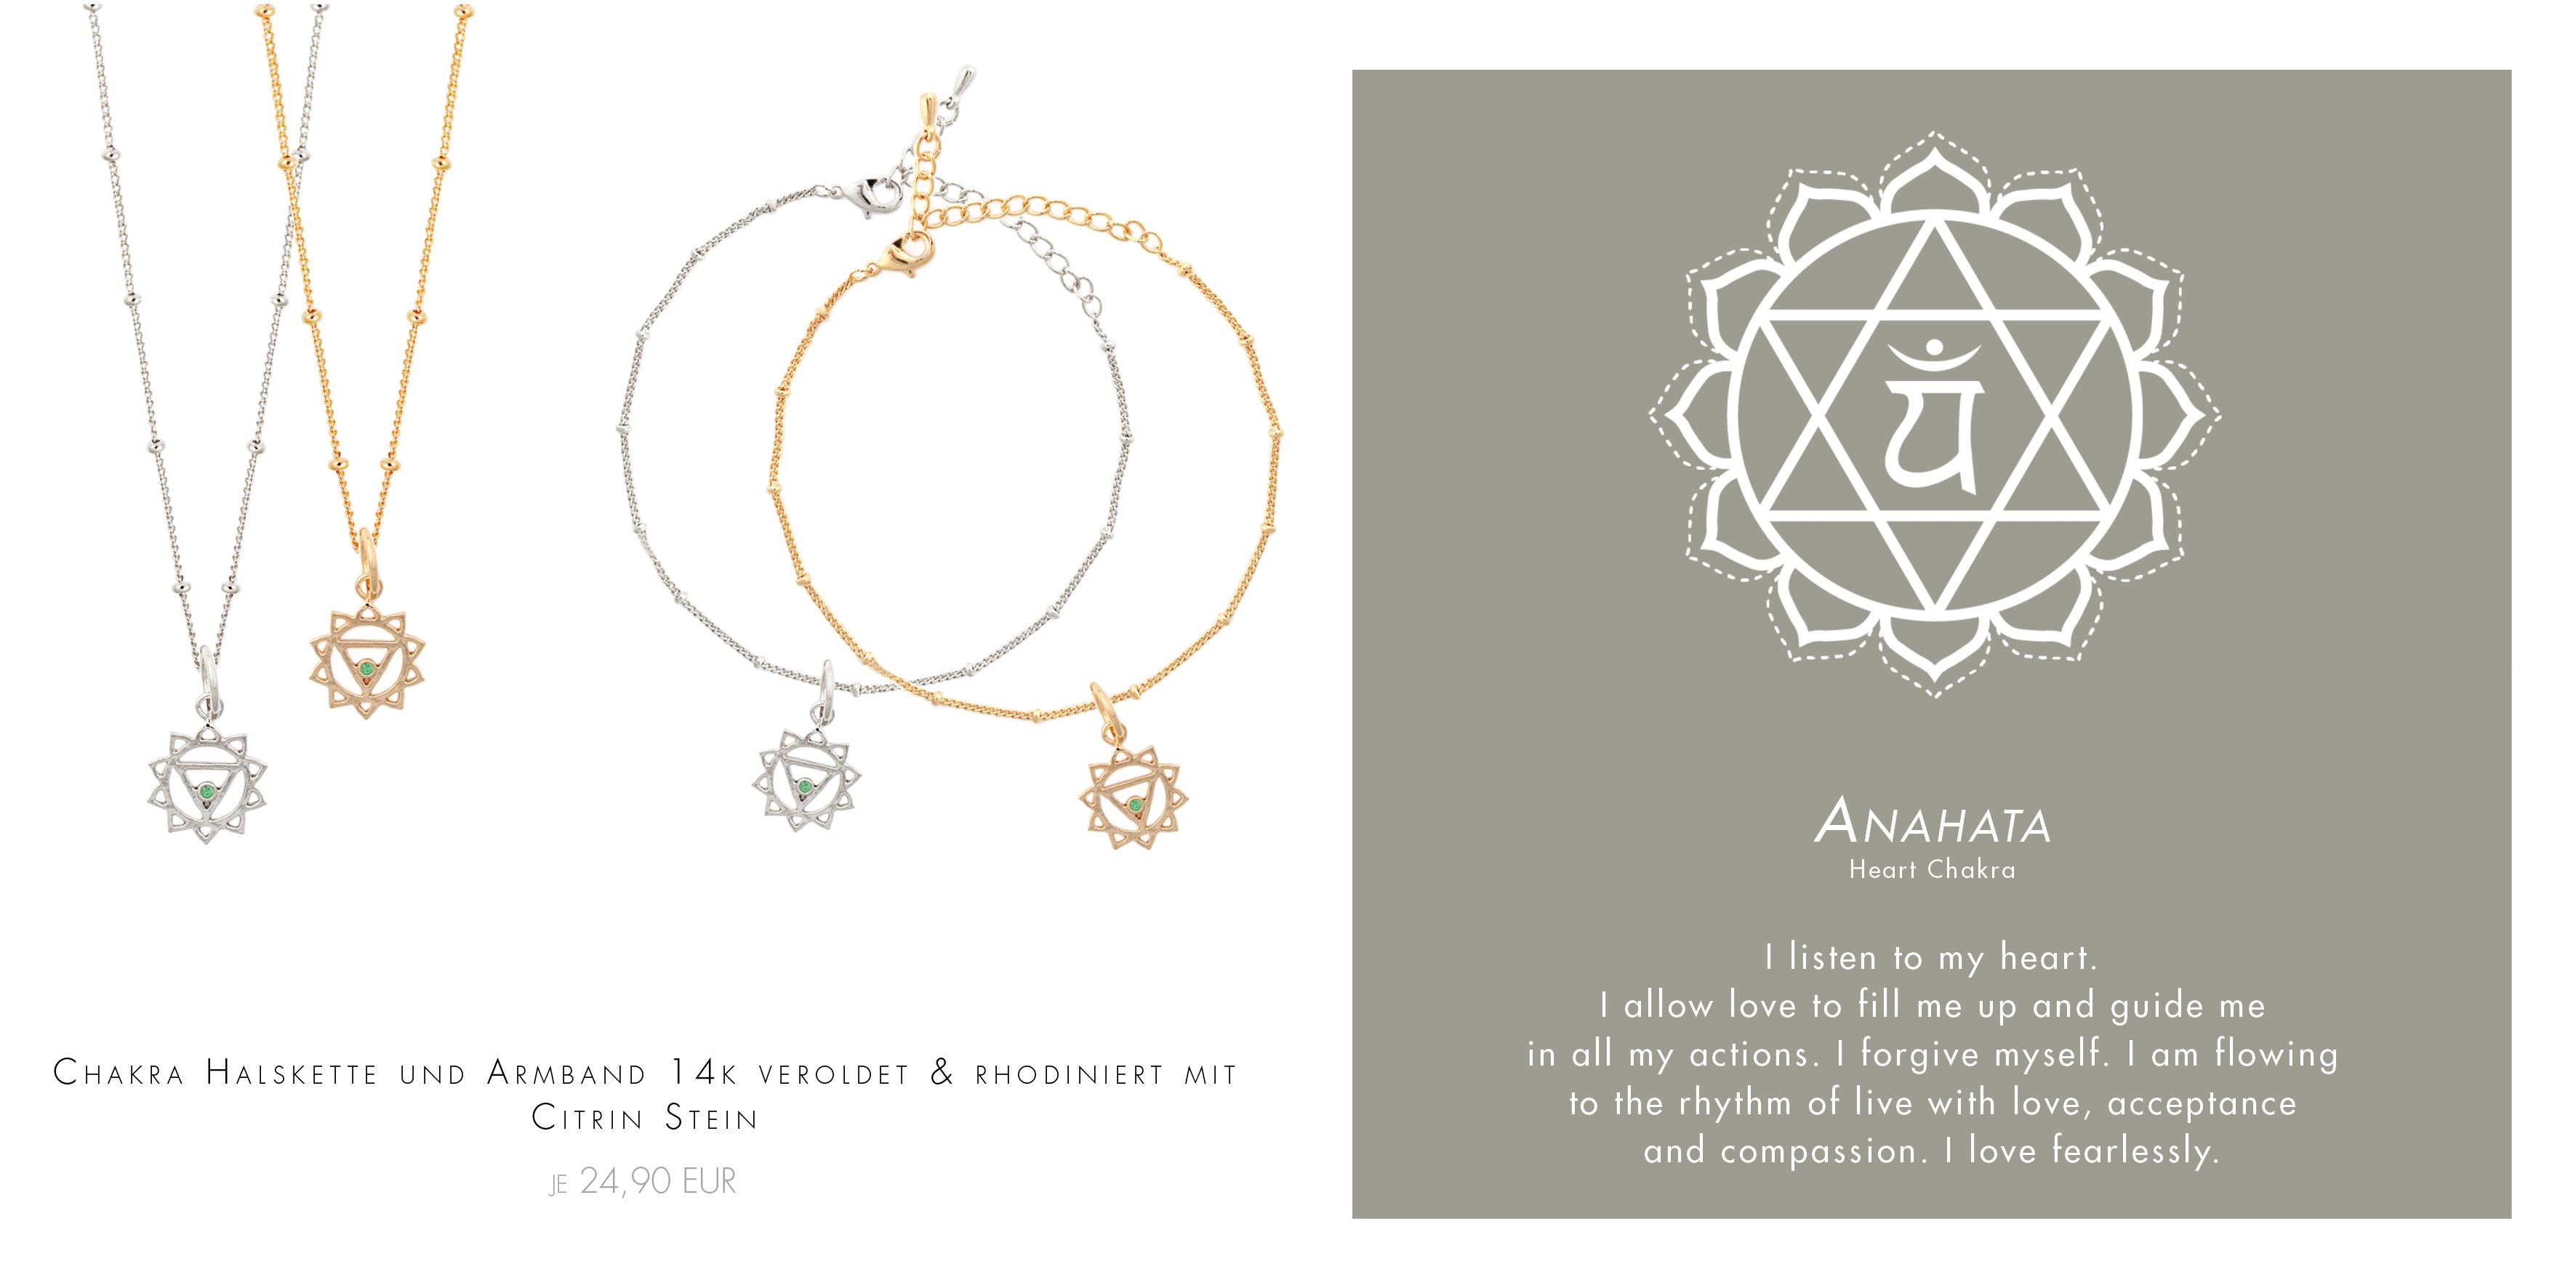 spirituelle Armbänder in Gold und Silber Madeleine Issing